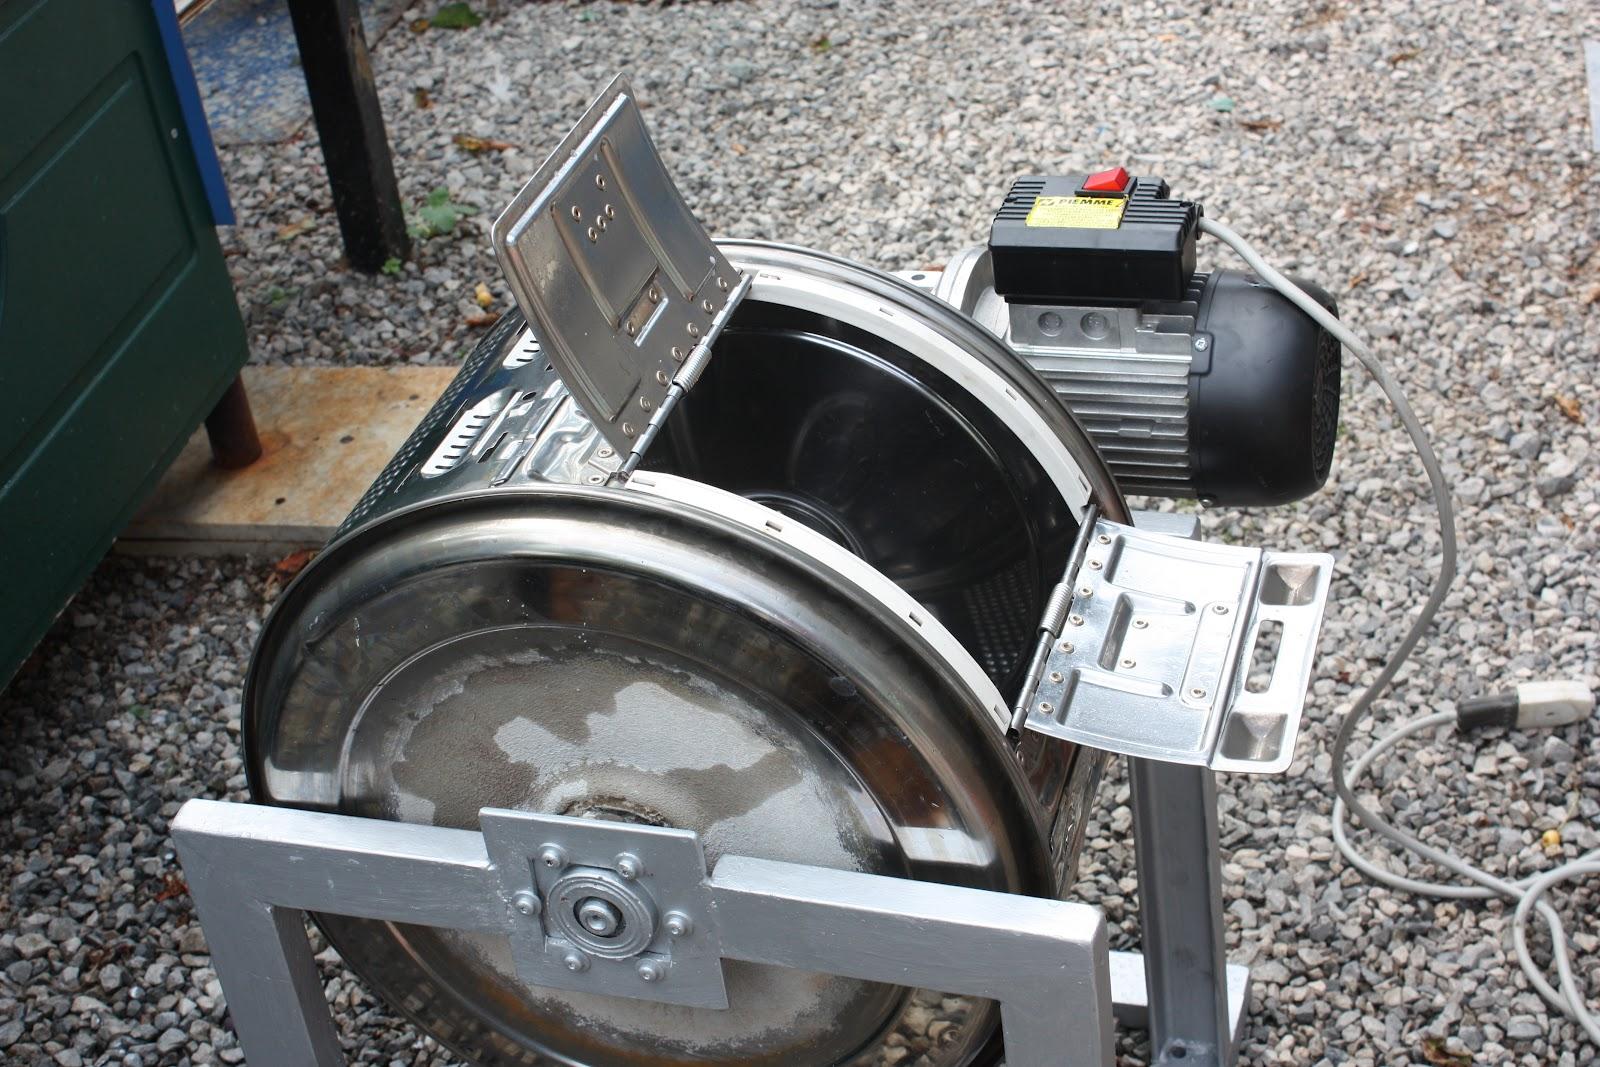 Spillididee dalla lavatrice alle caldarroste for Cestello lavatrice